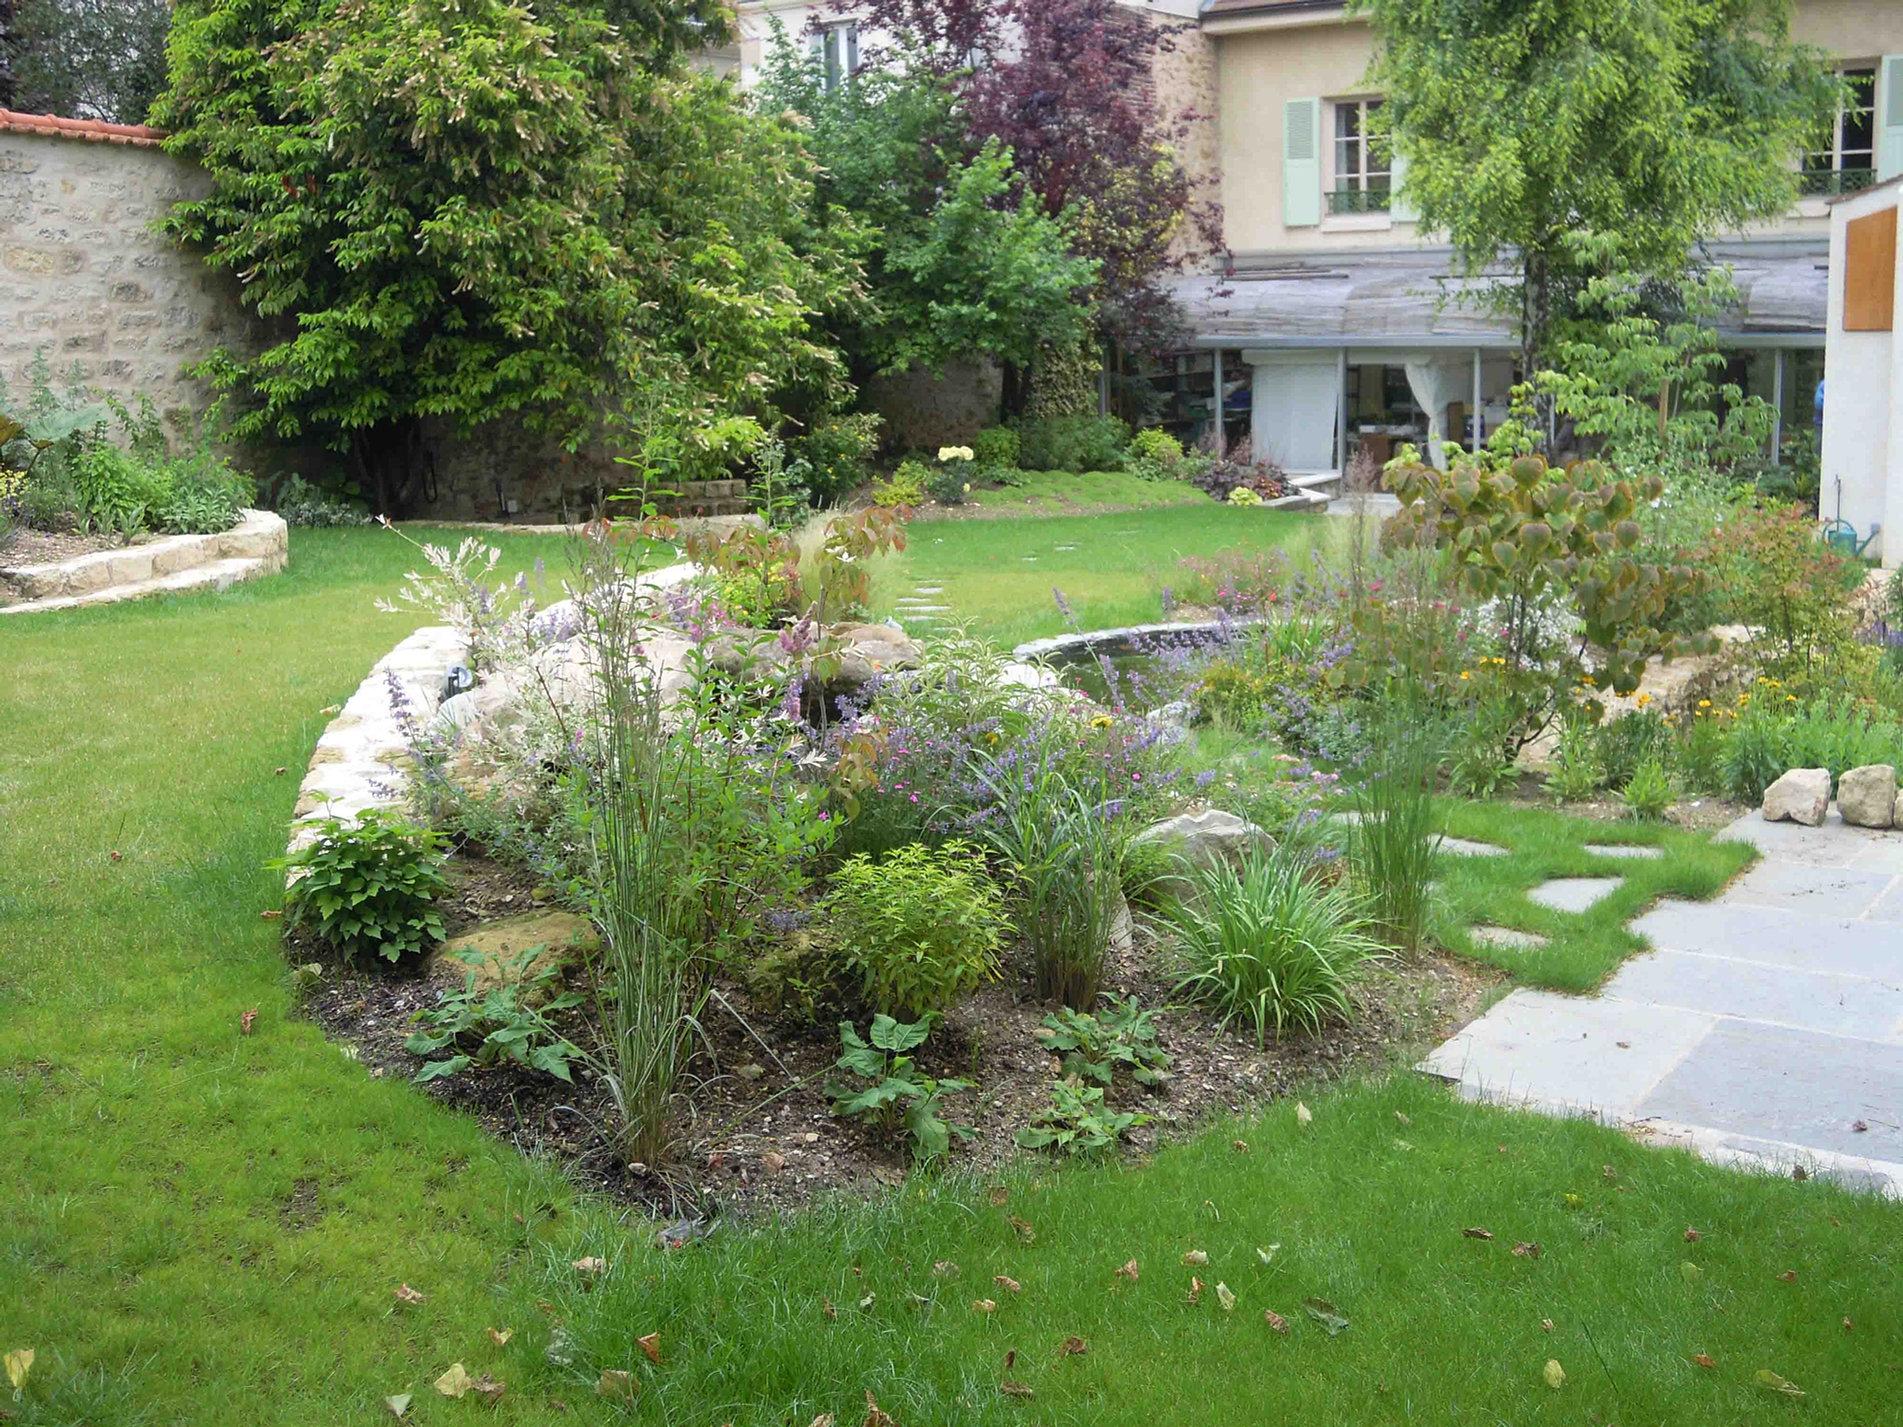 Biovert jardins entretien de parcs jardins terrasses balcons - Agent d entretien des parcs et jardins ...